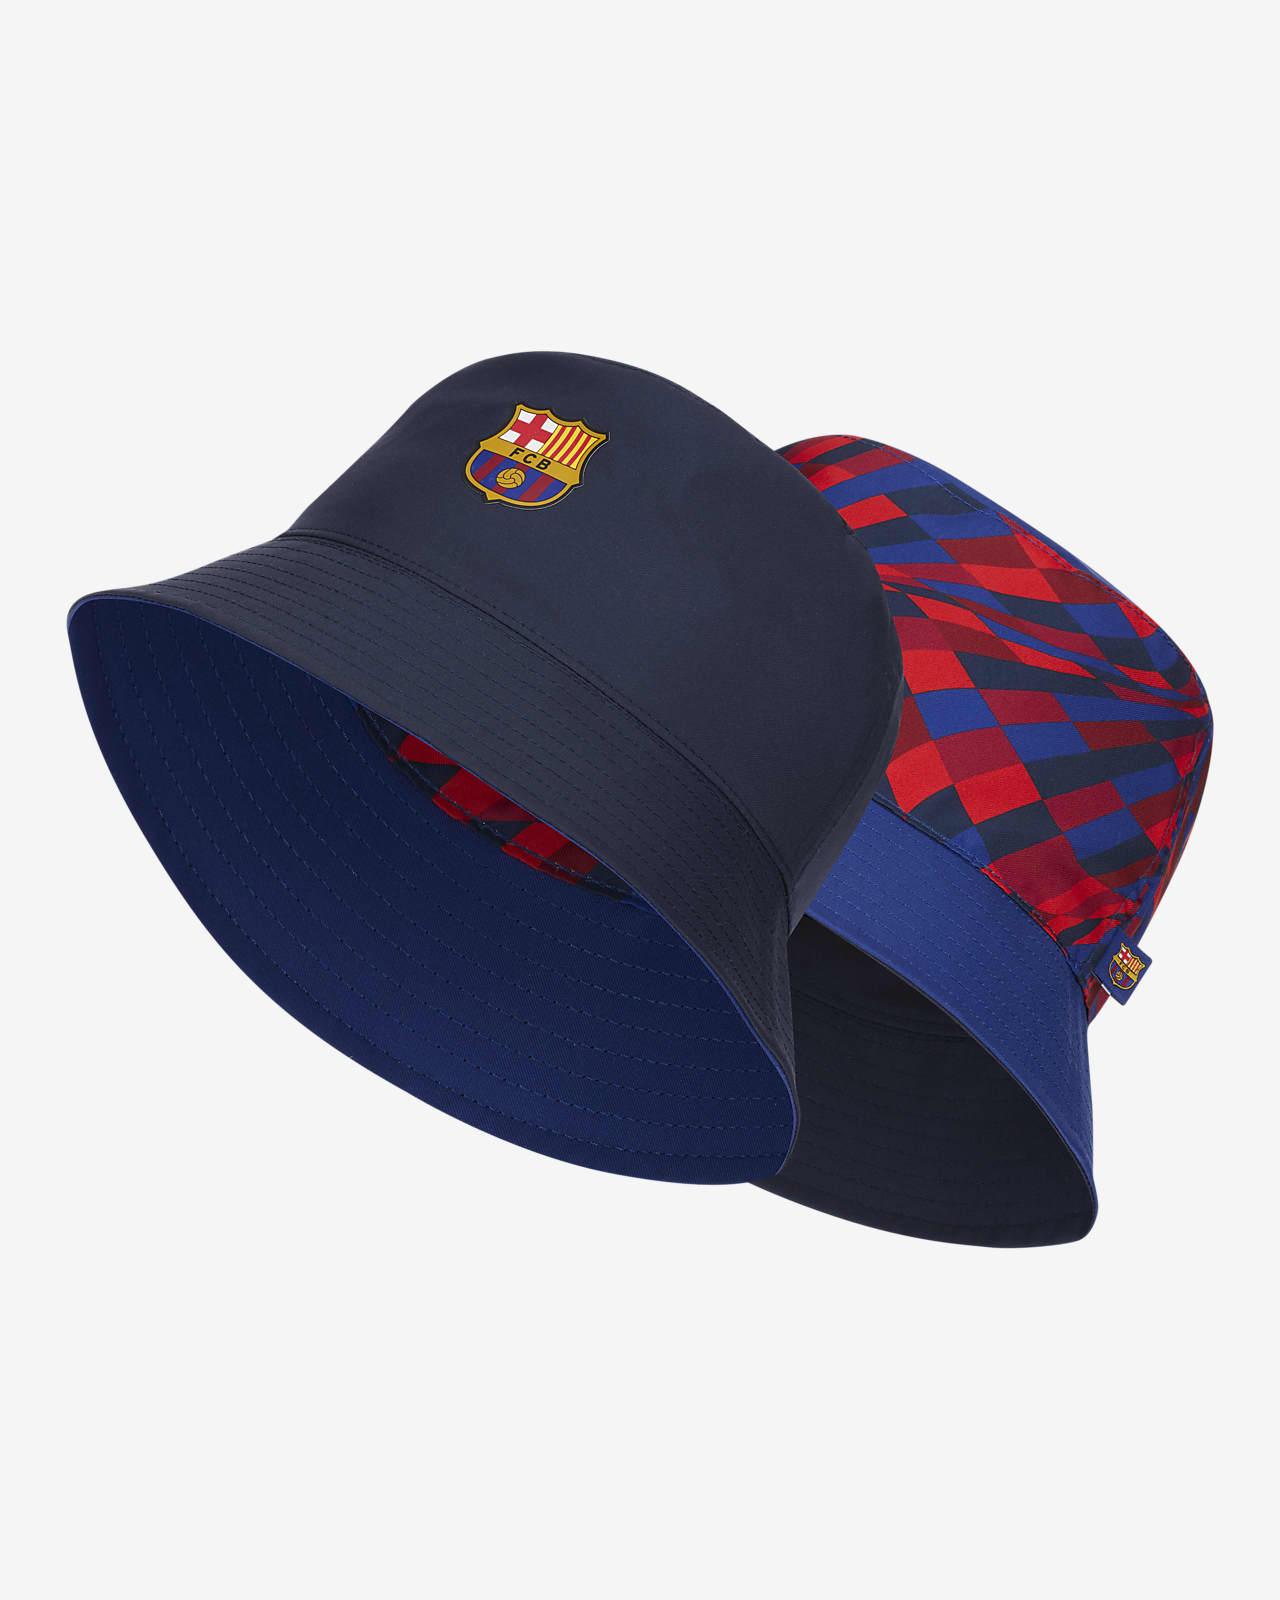 F.C. Barcelona Reversible Bucket Hat